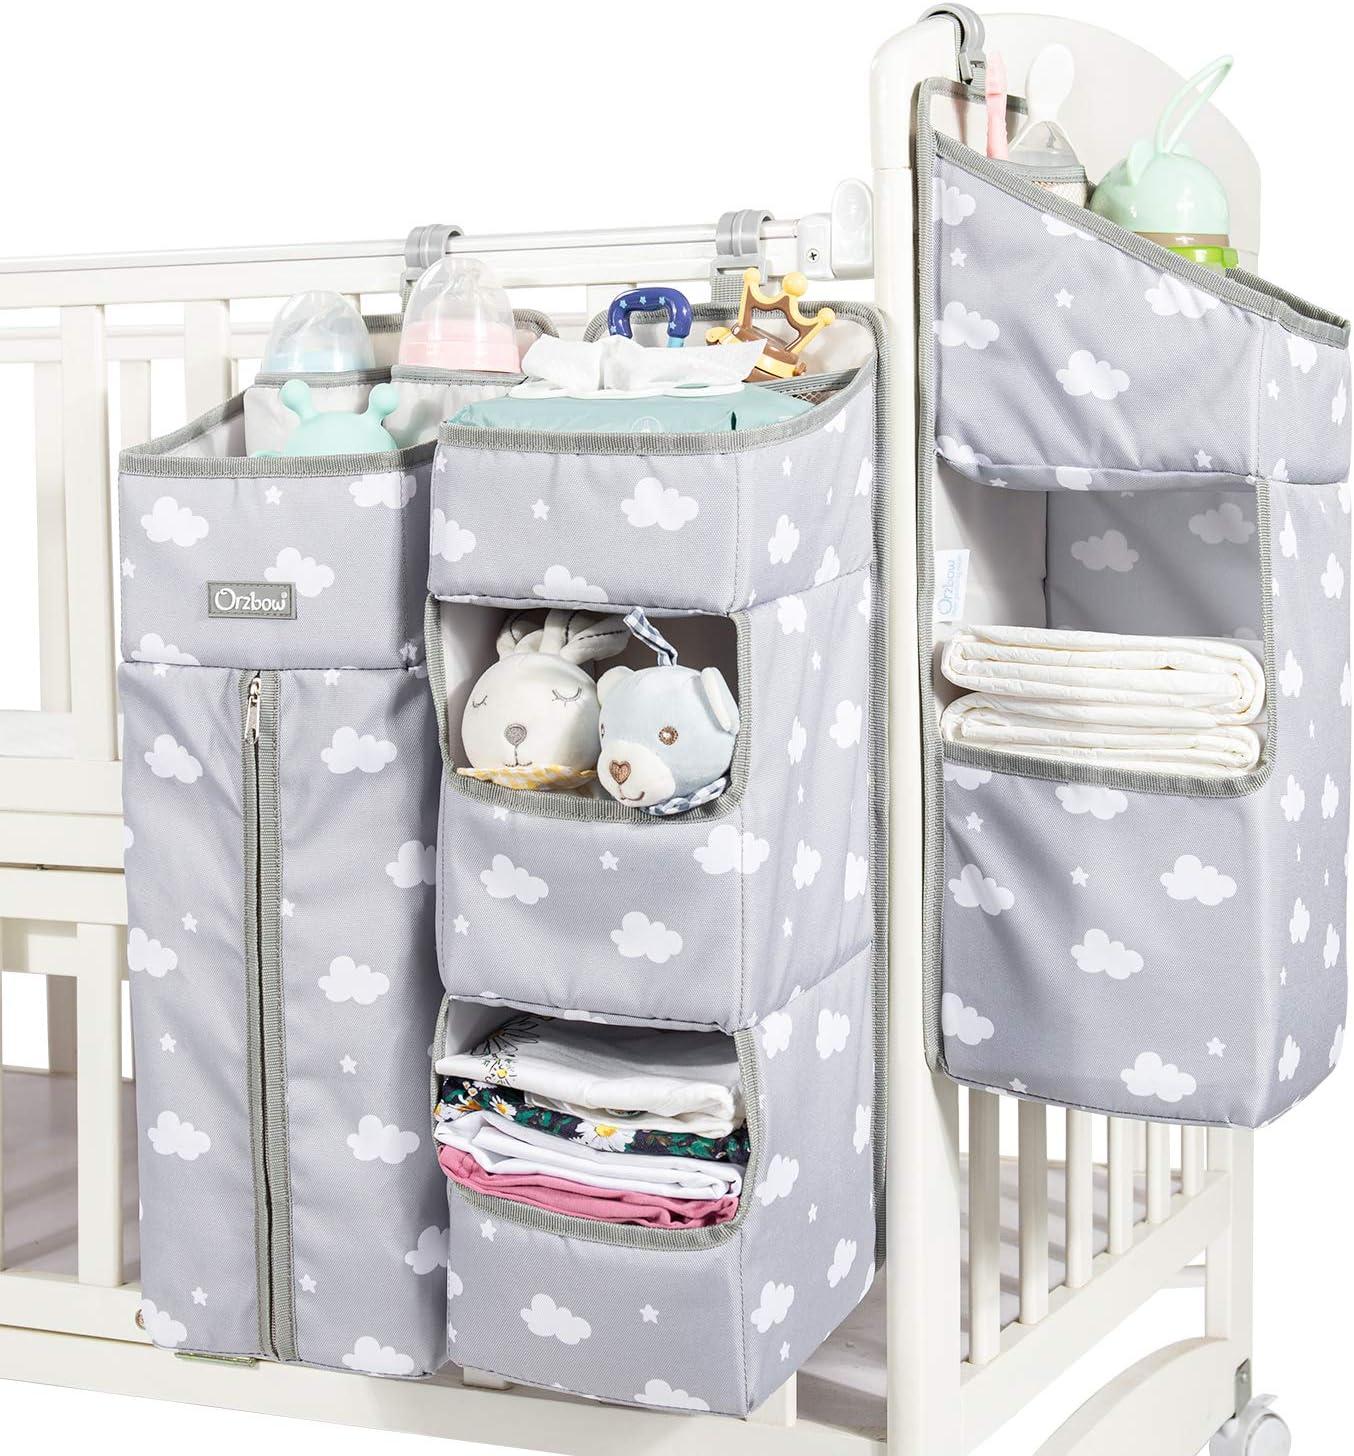 Faltbare Filz Aufbewahrungstasche tragbare austauschbare F/ächer f/ür Mama Neugeborenen Kinder Windeln Oyria Multifunktions Baby Windel Caddy Organizer